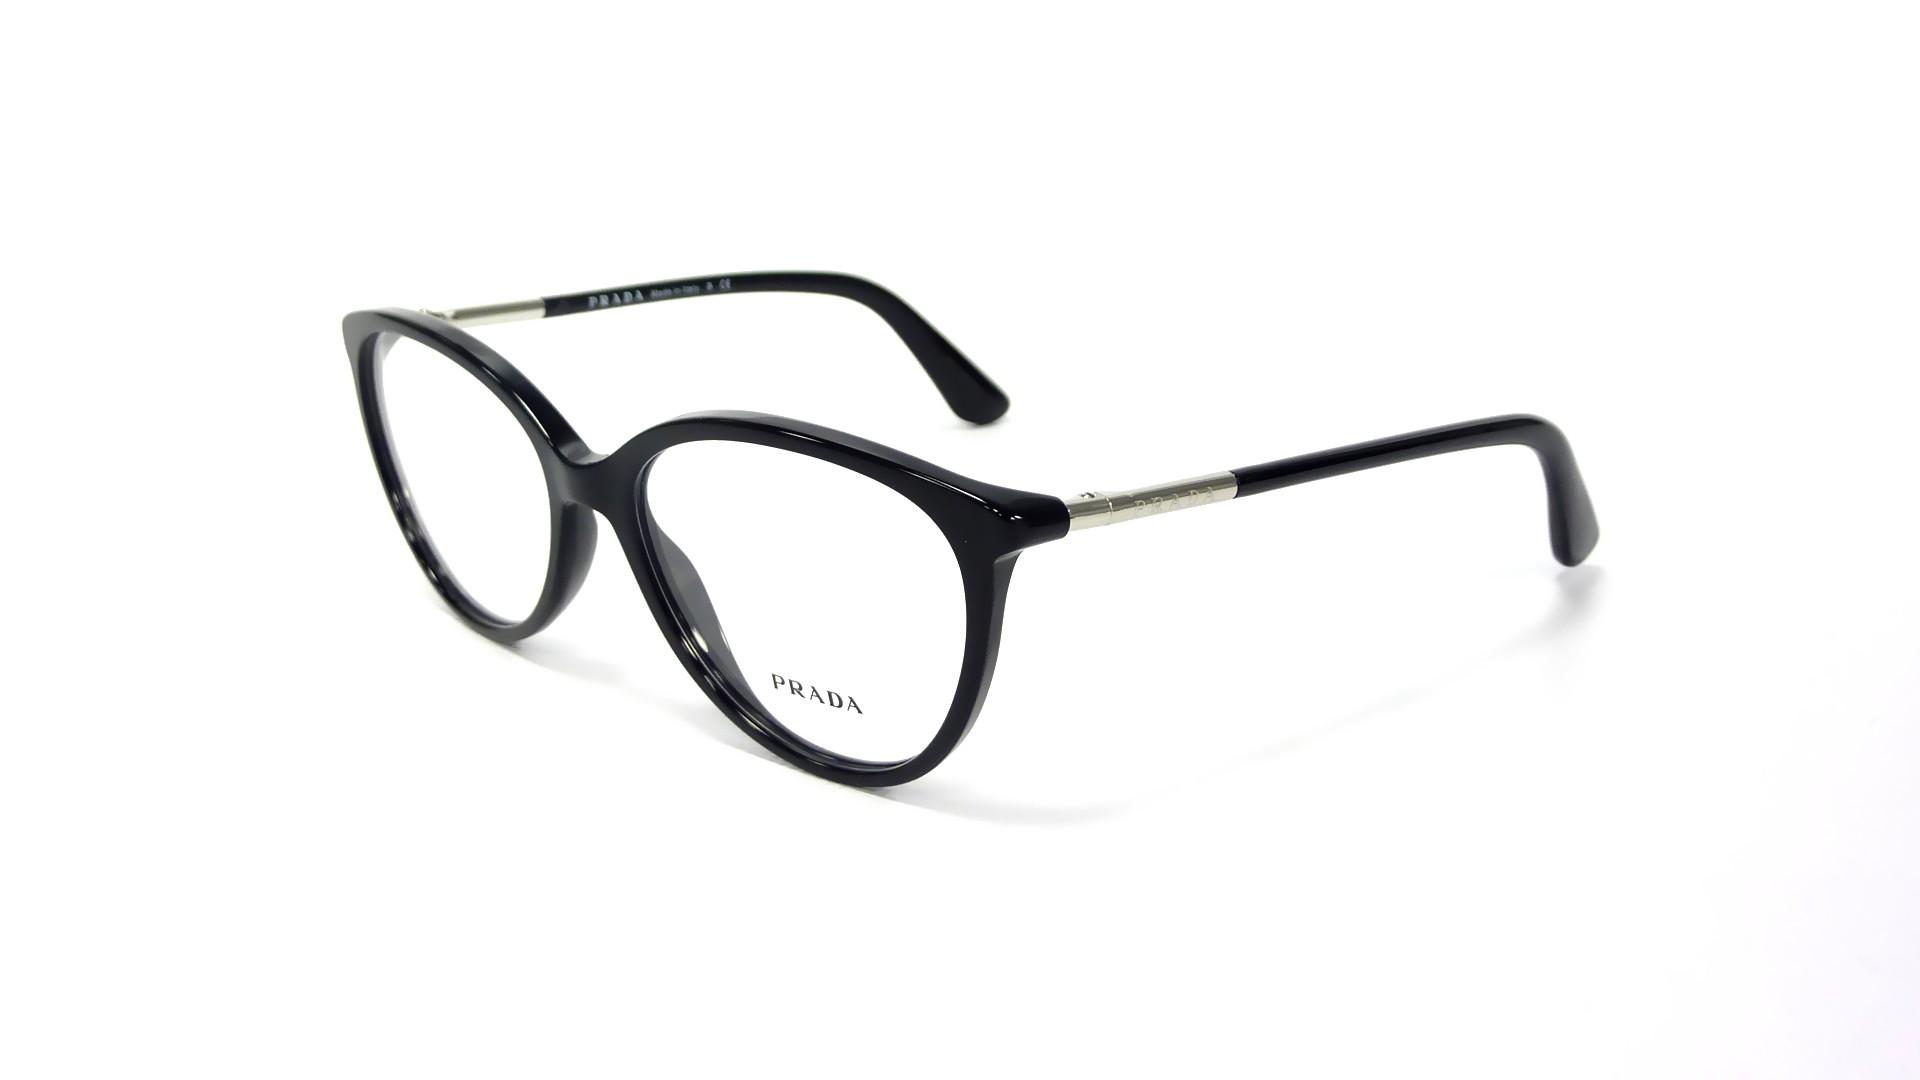 Les lunettes de vue en ligne a fonctionne for Idee service innovant